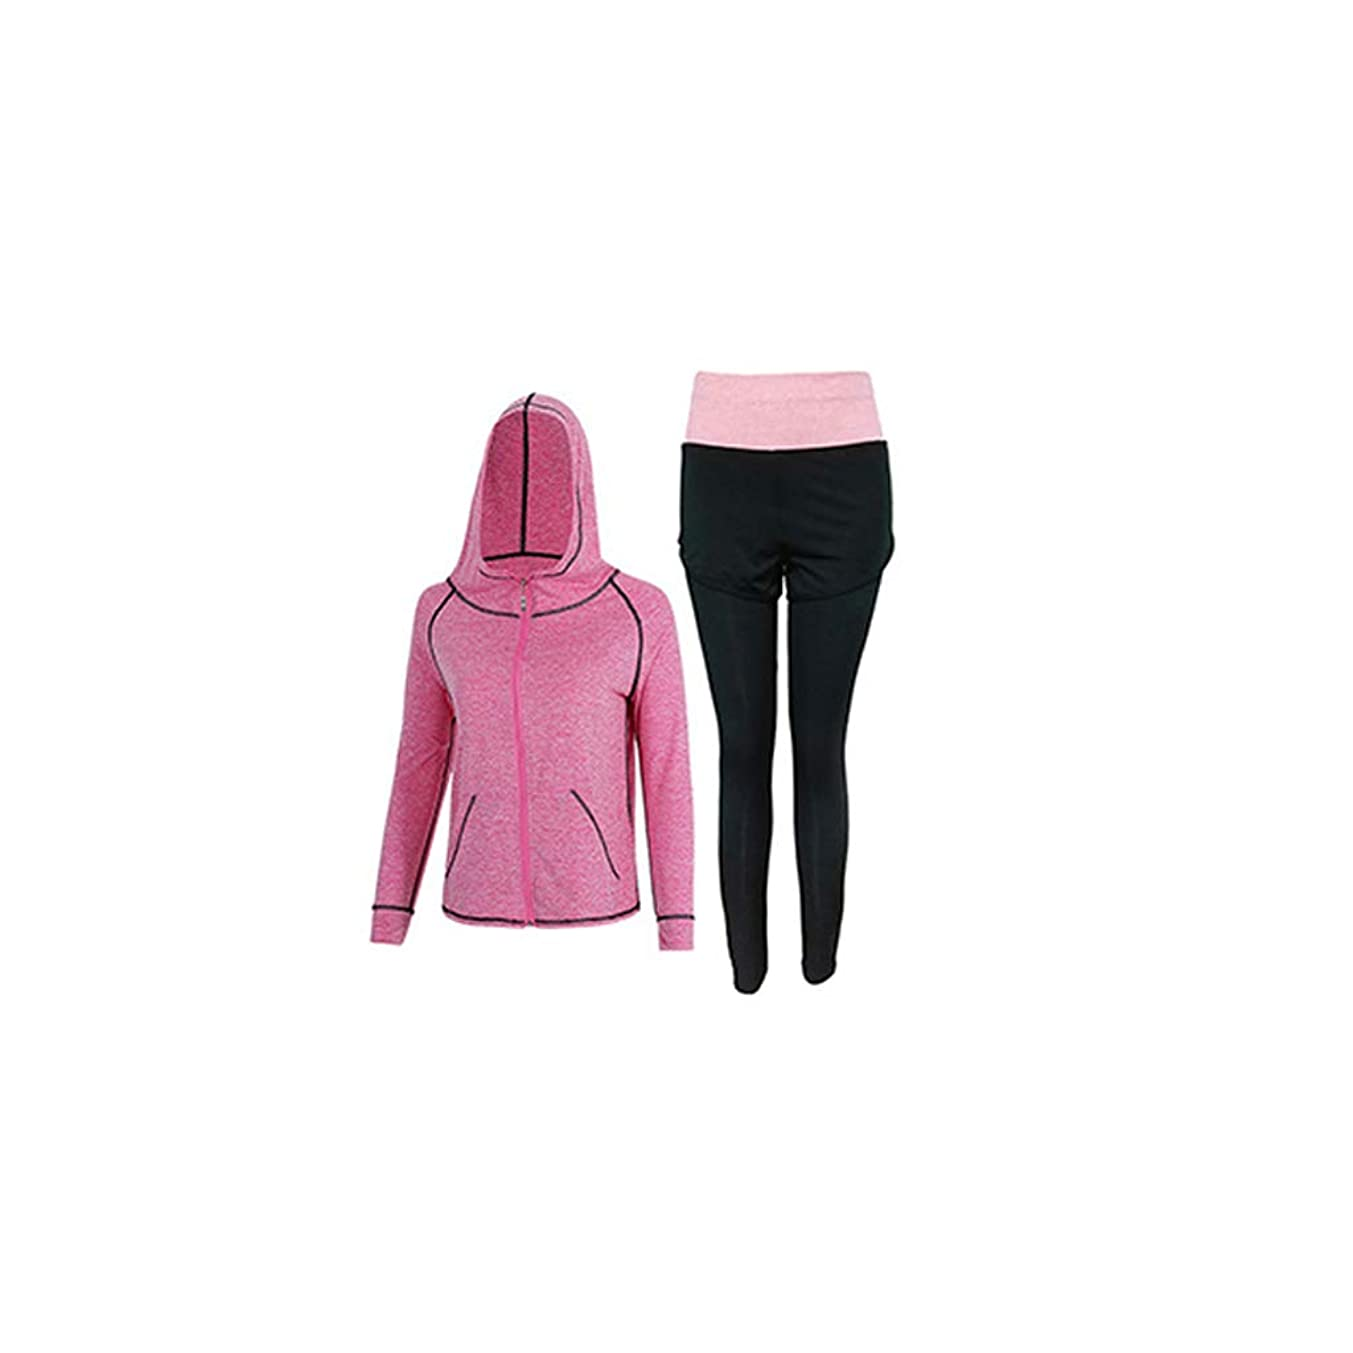 満了第四懐女性のフィットネス服ツーピース速乾性ヨガの服スポーツウェアスーツジムランニングスポーツウェアフィットネス服カジュアルスポーツウェア (Color : 2, Size : S)